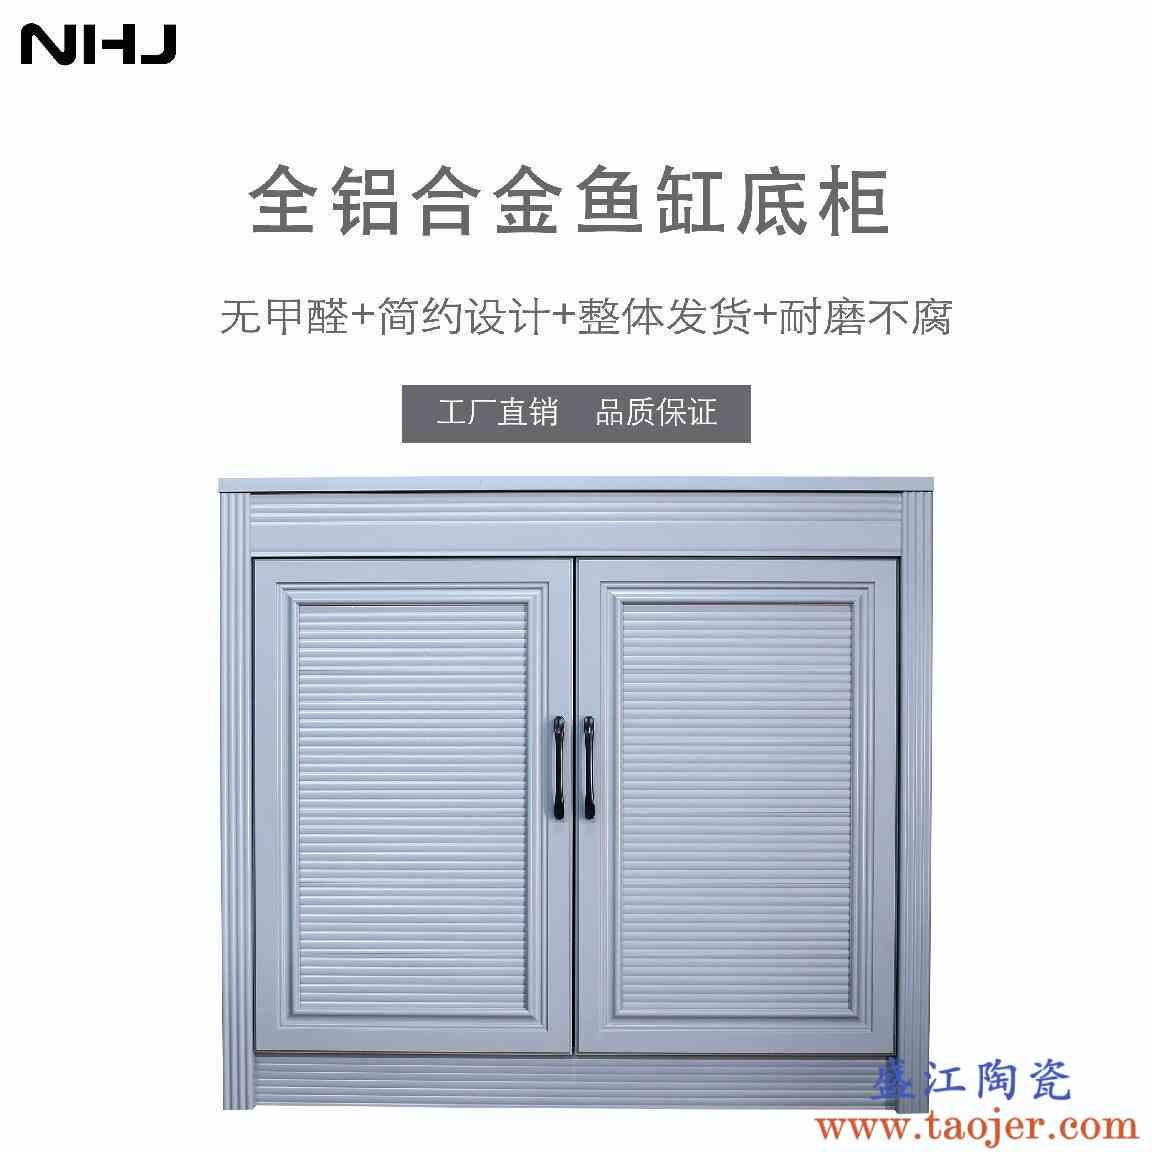 定做柜子NHJ新超白缸底柜鱼缸水族底柜水草缸地柜底座铝合金汉江